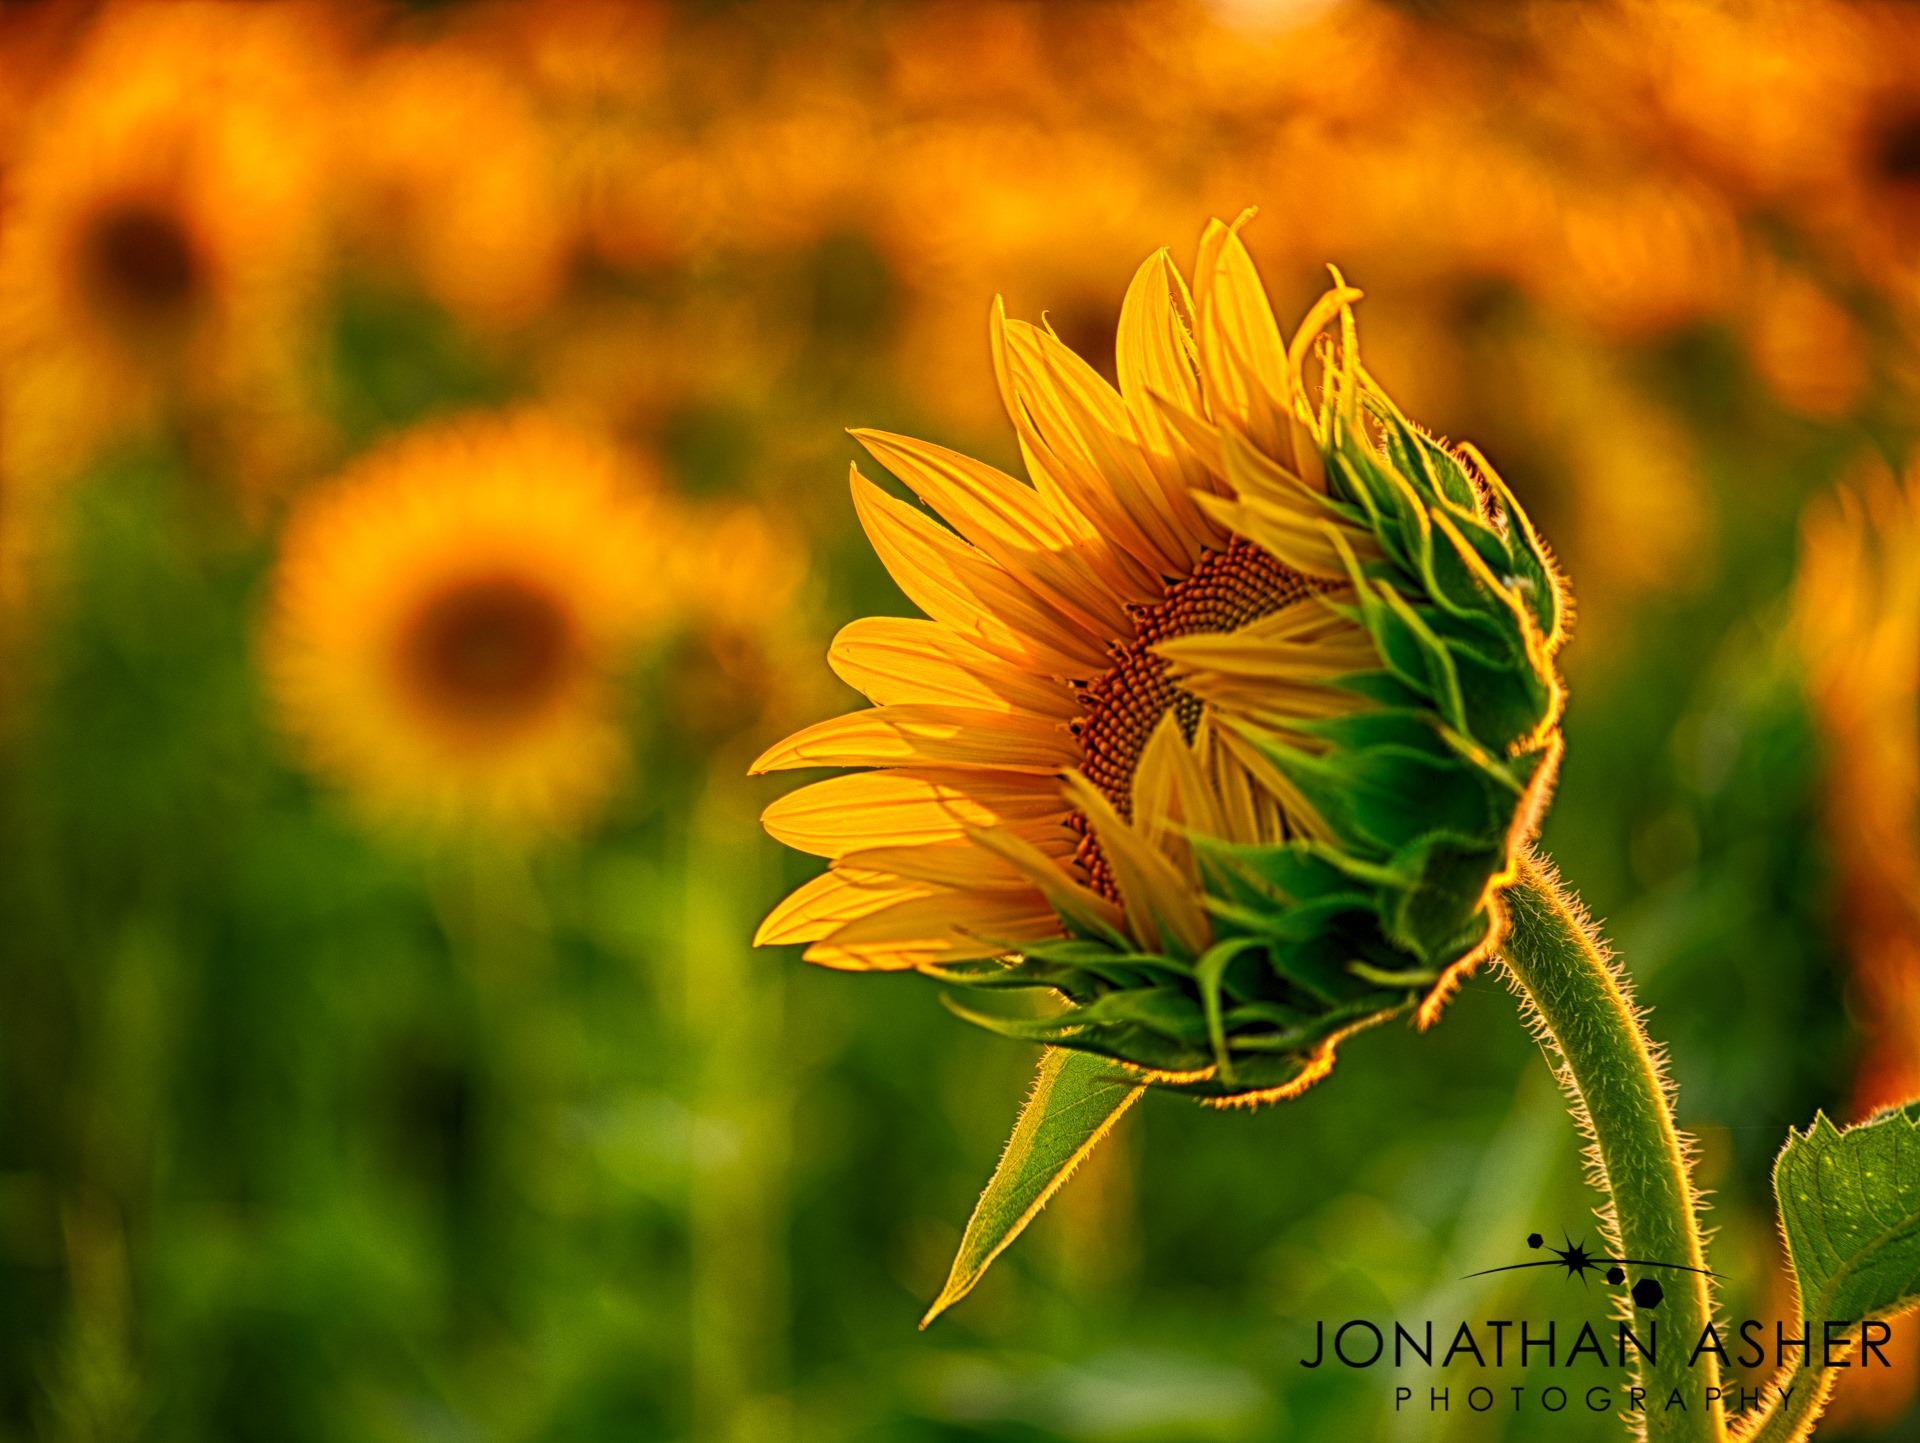 Jonathan Asher Photography